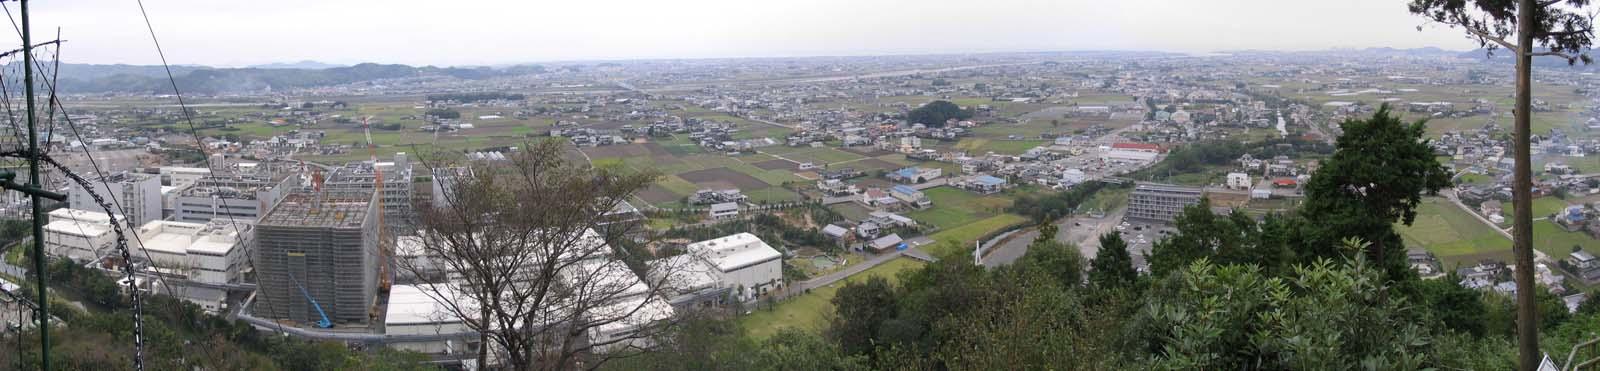 Nishikata_yama_4